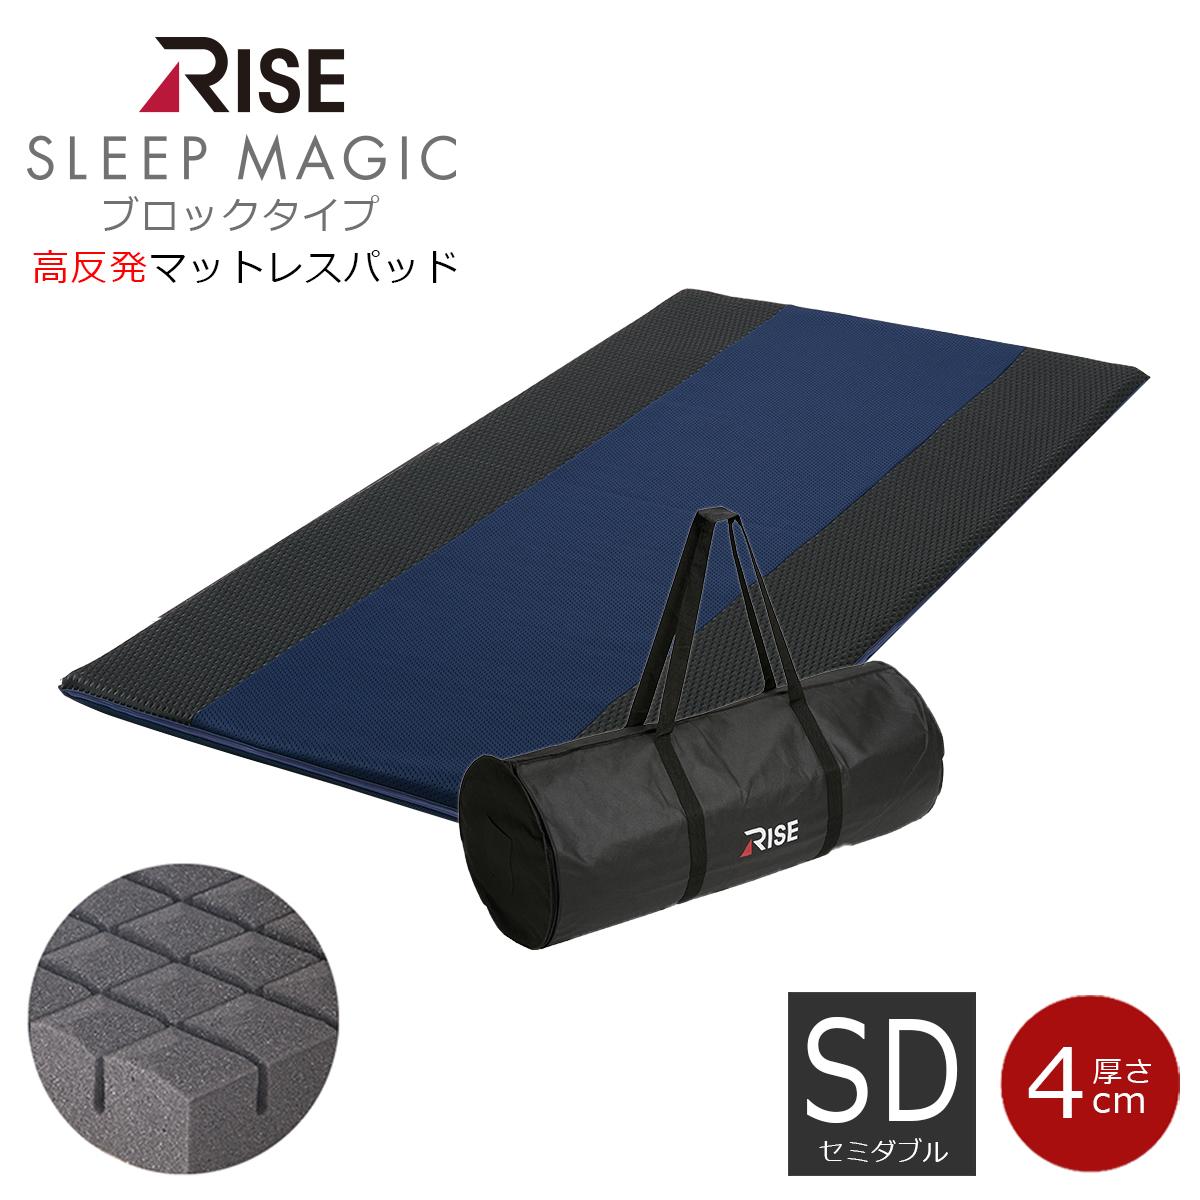 スリープマジック オーバーレイ 高反発マットレスパッド V02 セミダブルサイズ ブロックカット 厚さ4cm ベッドの上に敷くだけで極上の寝心地を実現 寝がえり楽々 ライズTOKYOの高反発マットレス